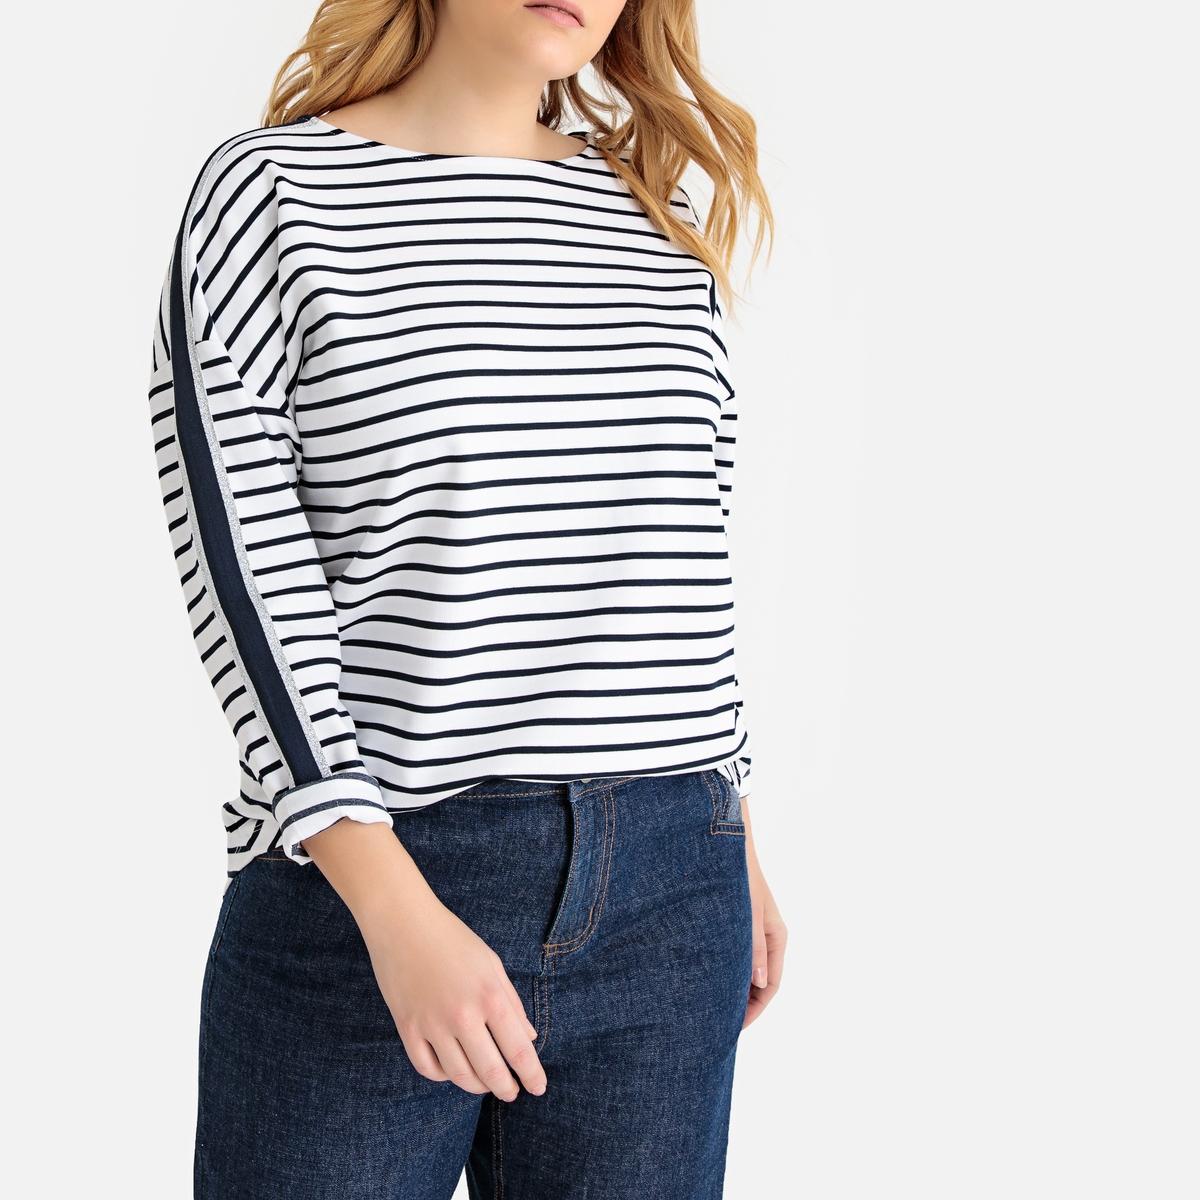 Camisola estilo marinheiro às riscas, barras nas mangas